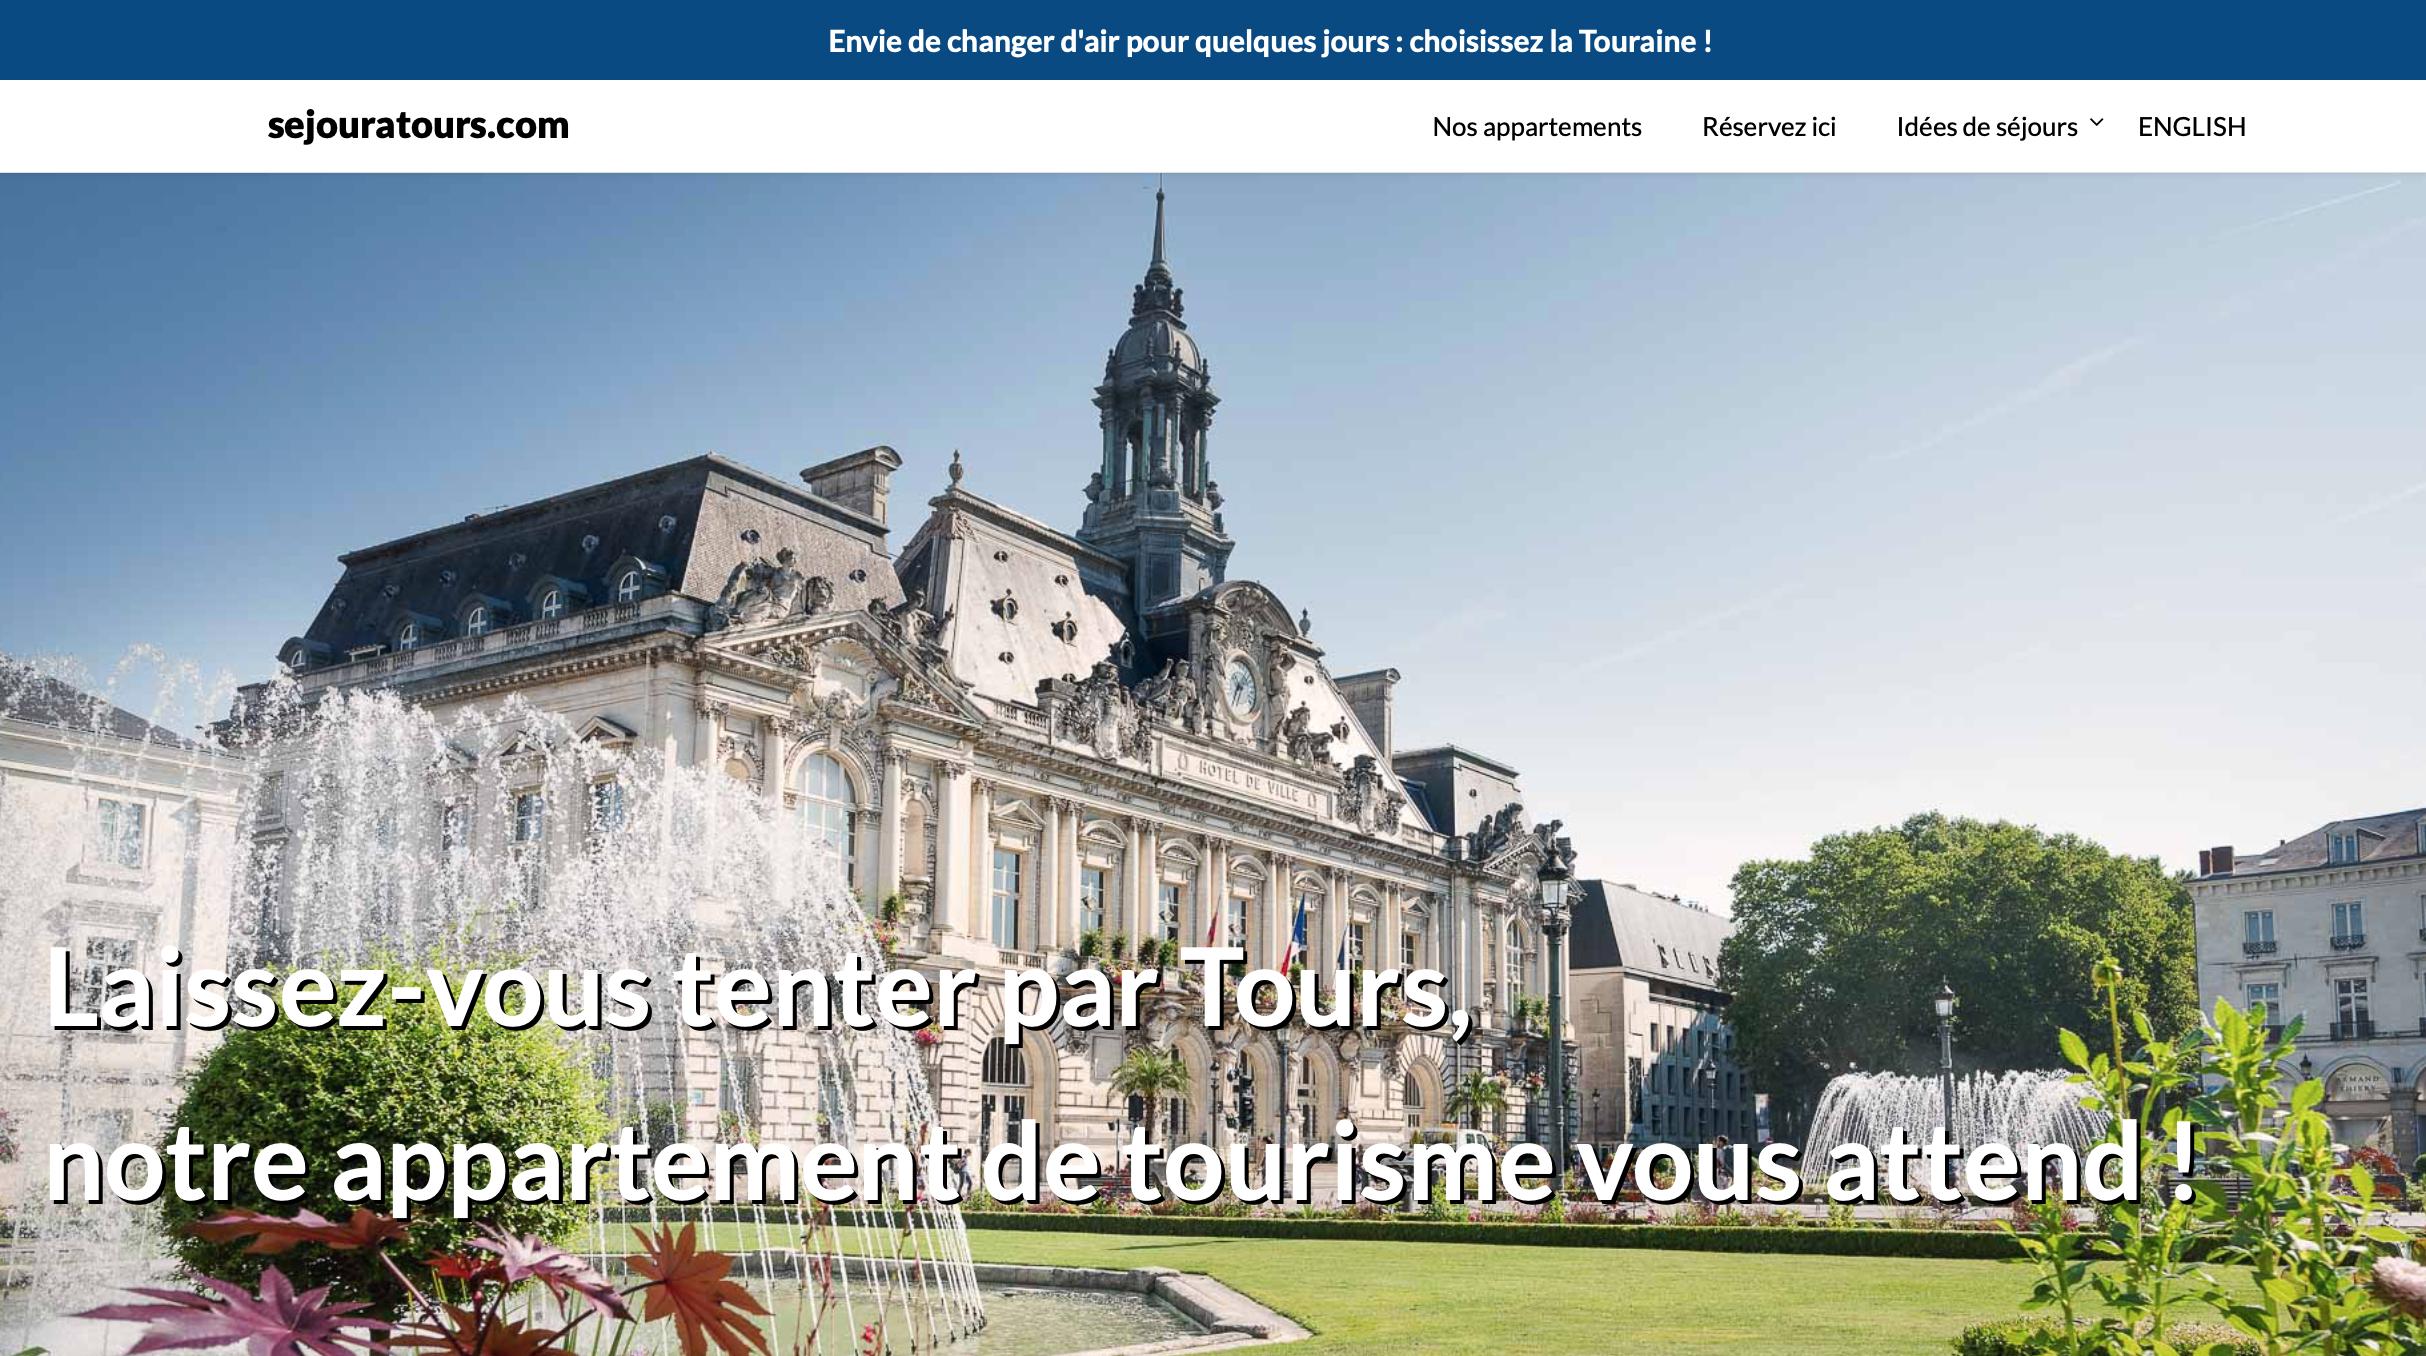 Sejouratours.com